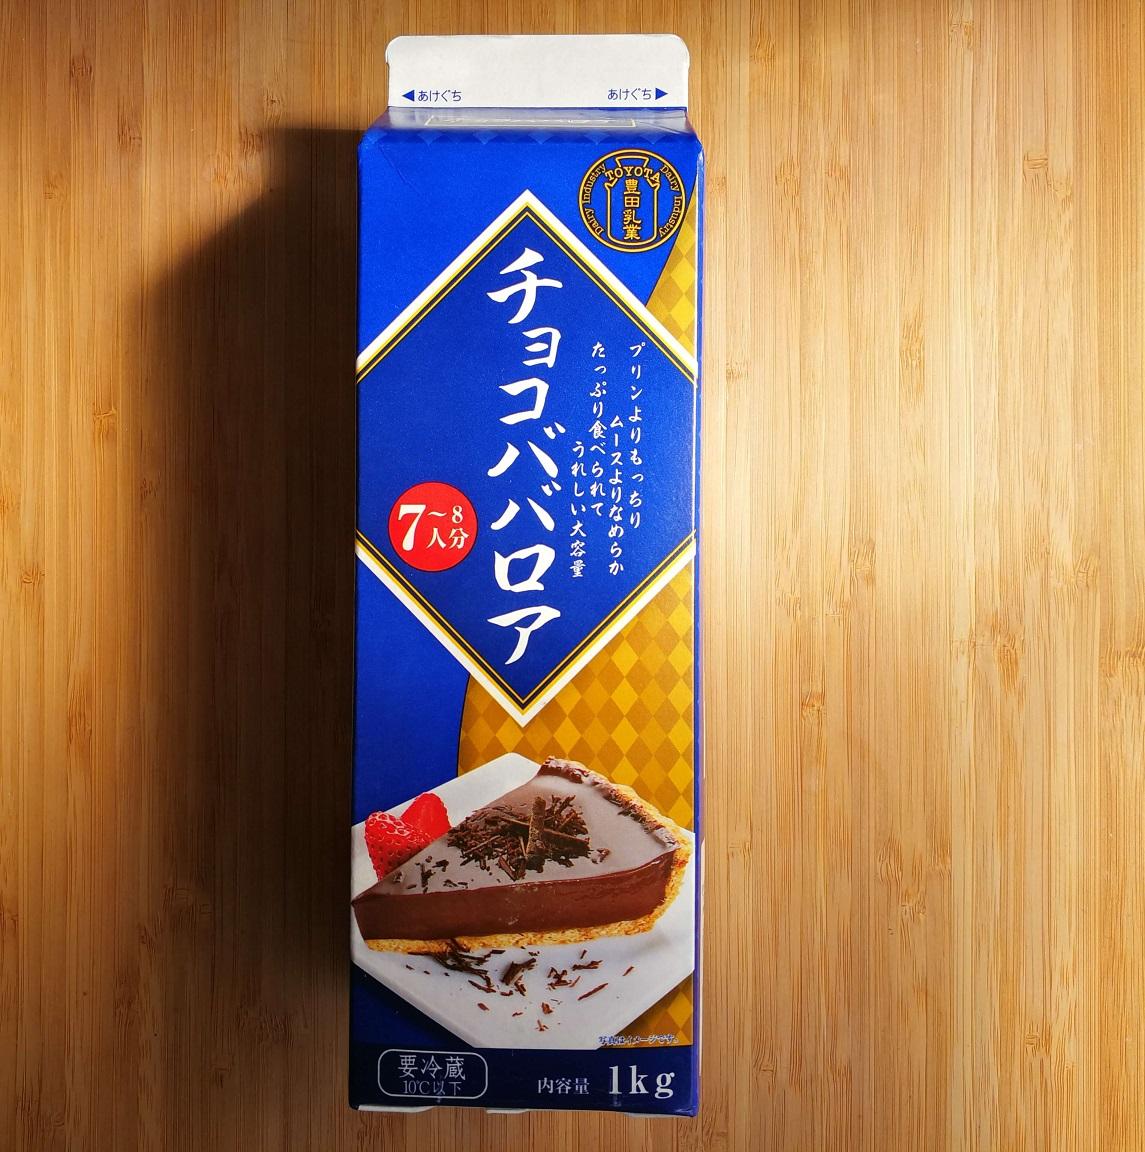 【業務スーパー】このおいしさに驚き!人気で売ってない!?すっきり濃厚『チョコババロア』